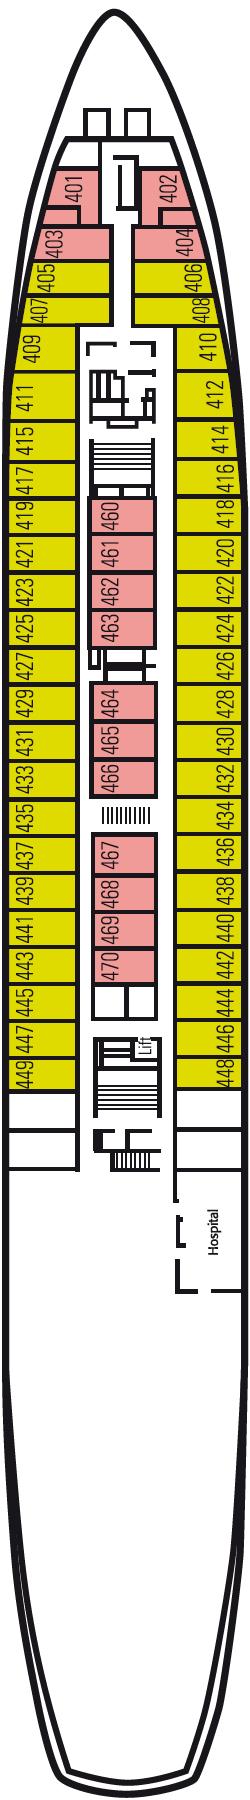 Ms Berlin Bewertung : ms berlin kreuzfahrten schiffsbewertungen und deckplan ~ A.2002-acura-tl-radio.info Haus und Dekorationen